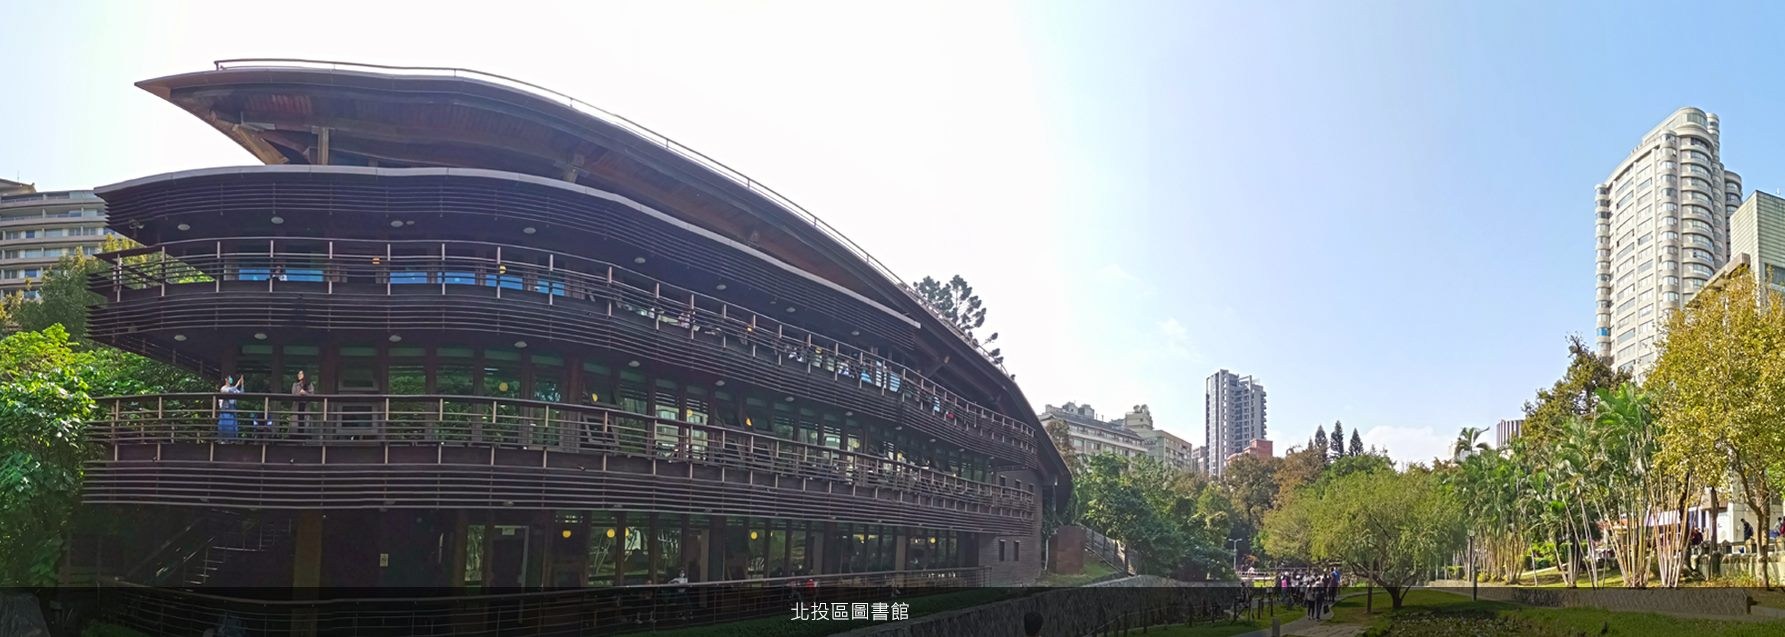 北投區圖書館建築